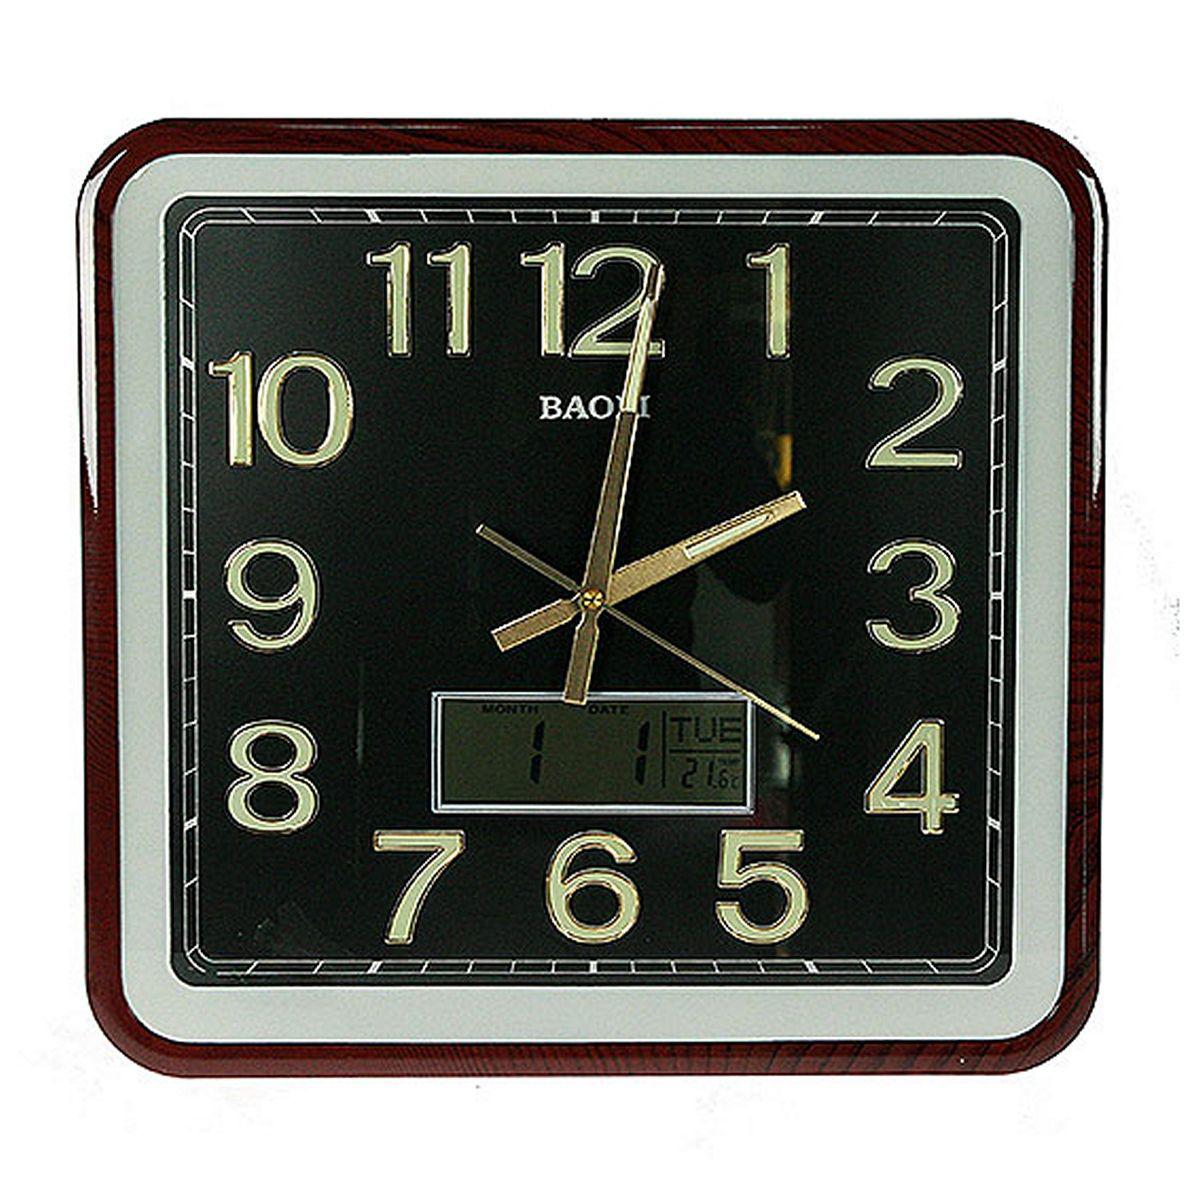 Часы настенные Русские Подарки, с календарем, термометром, электронными часами, 39 х 42 см. 148126148126